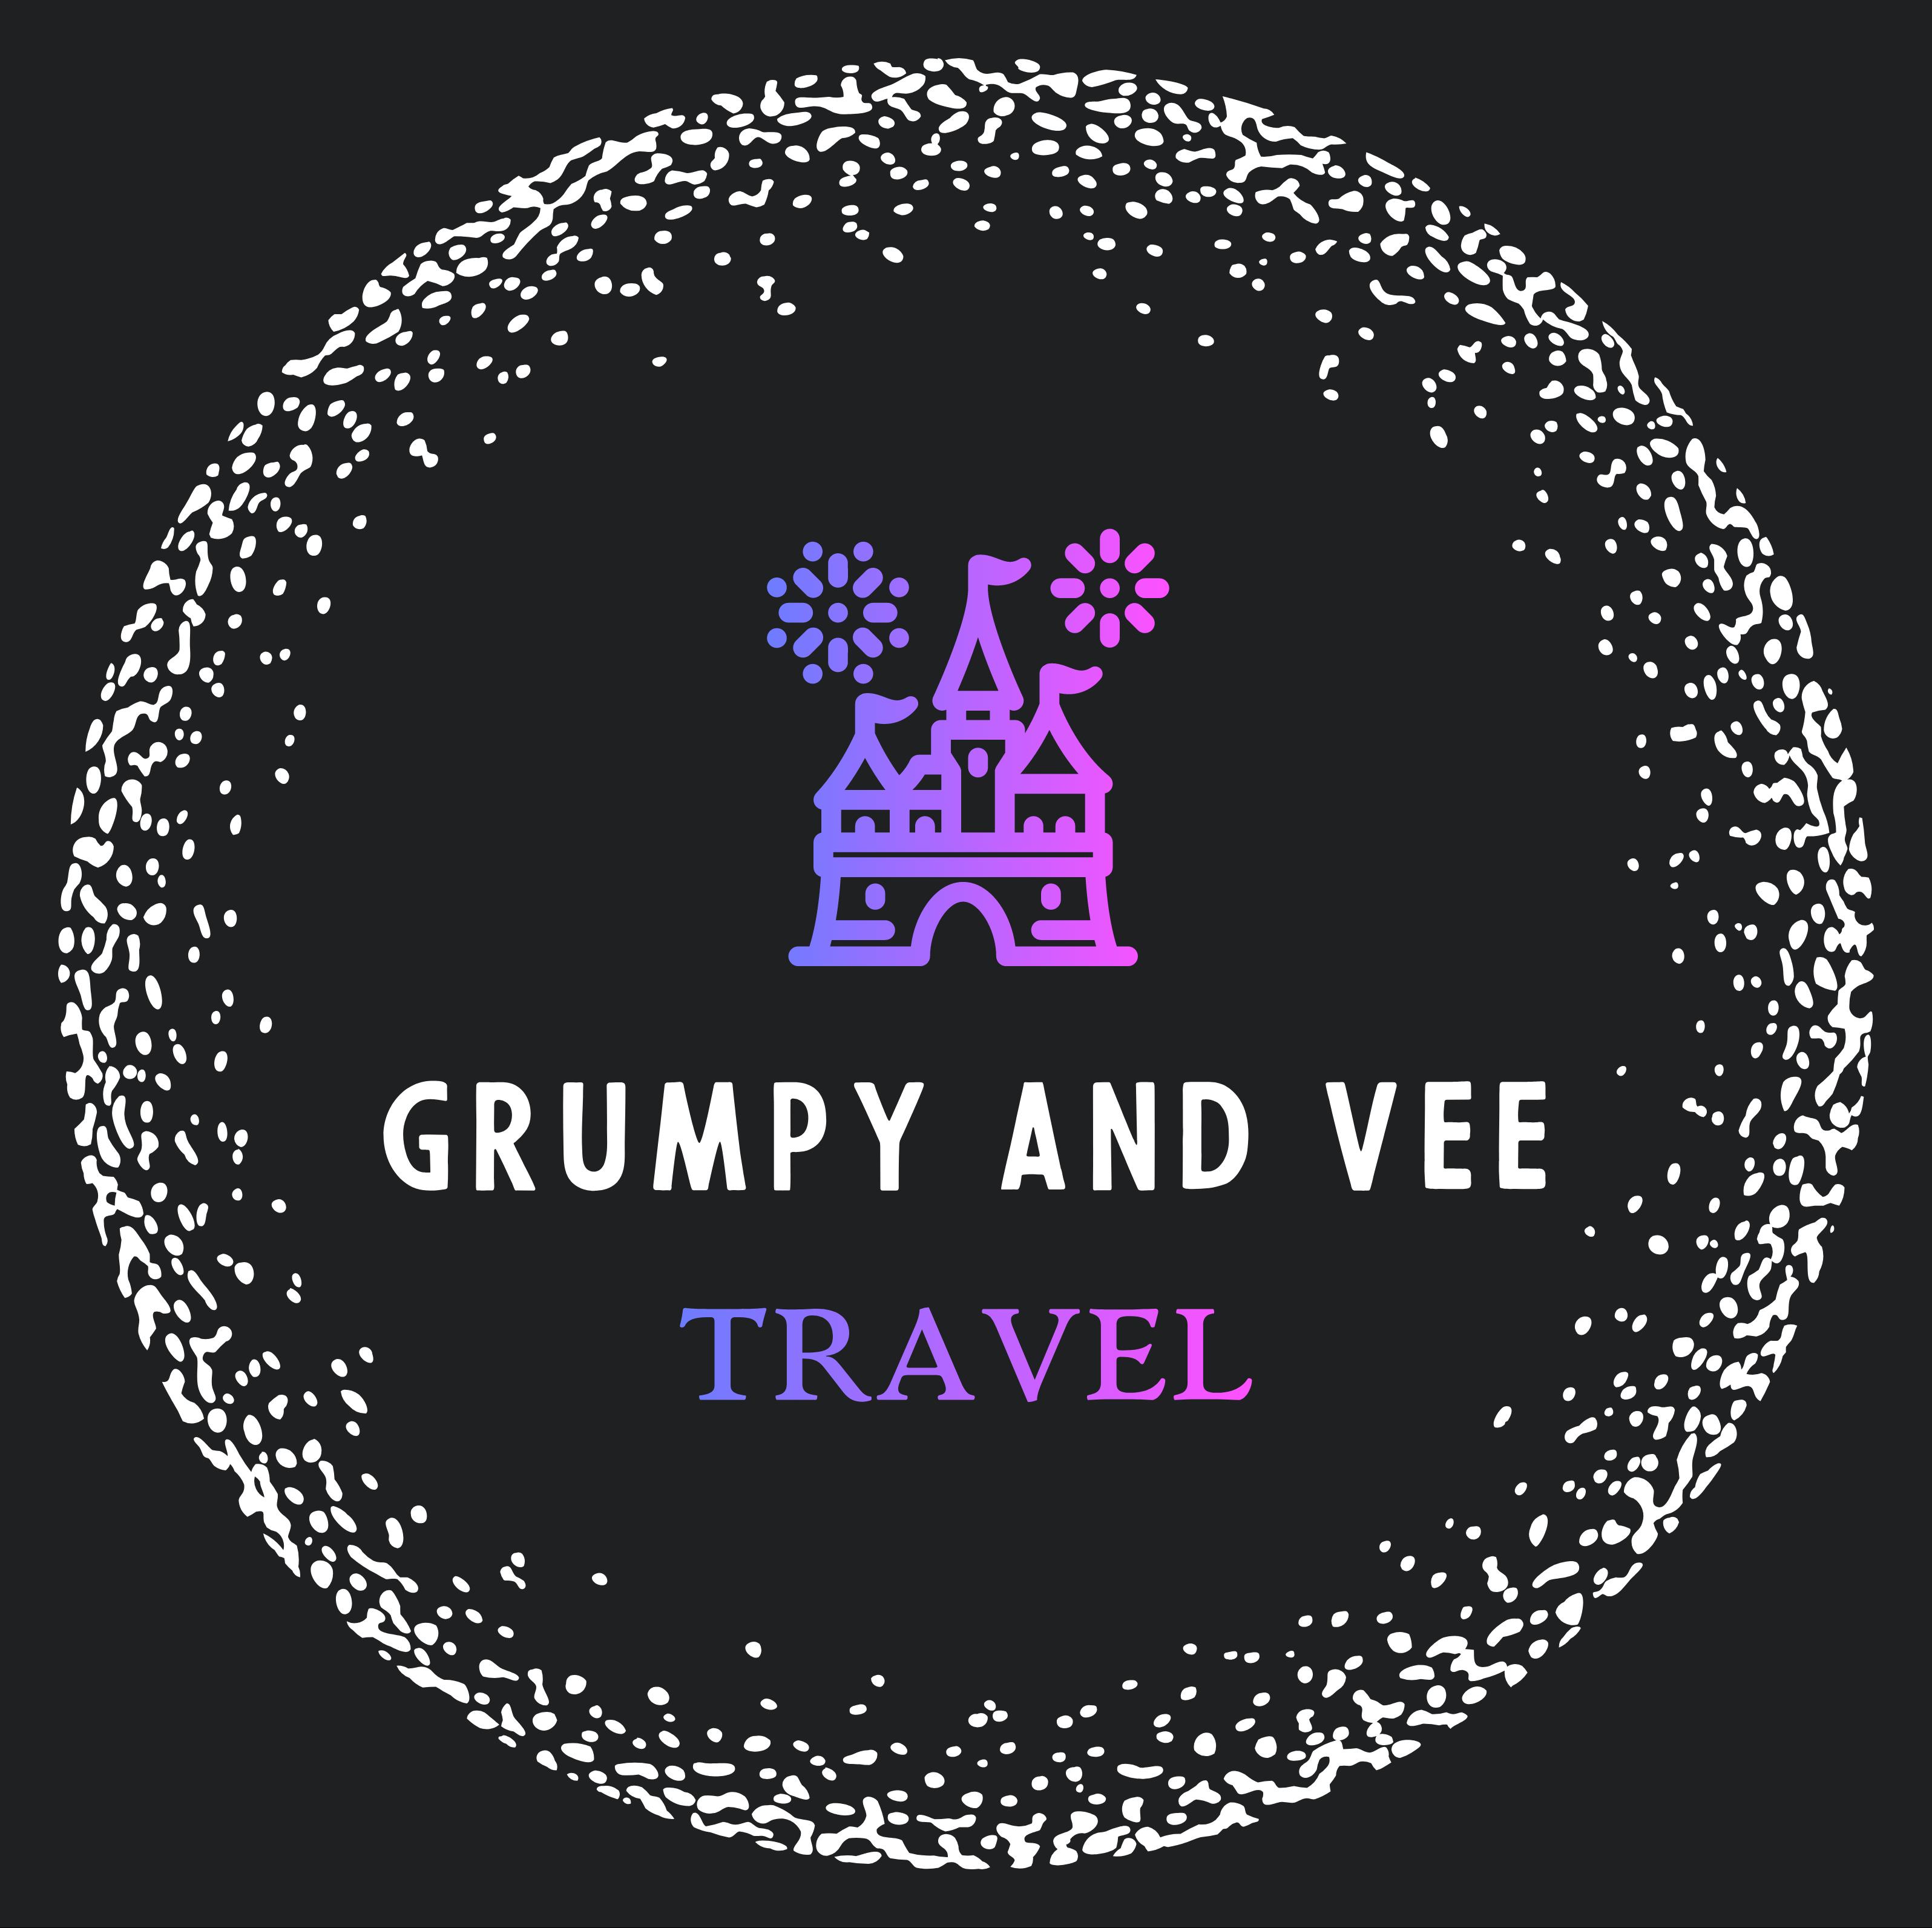 Grumpy and Vee Travel